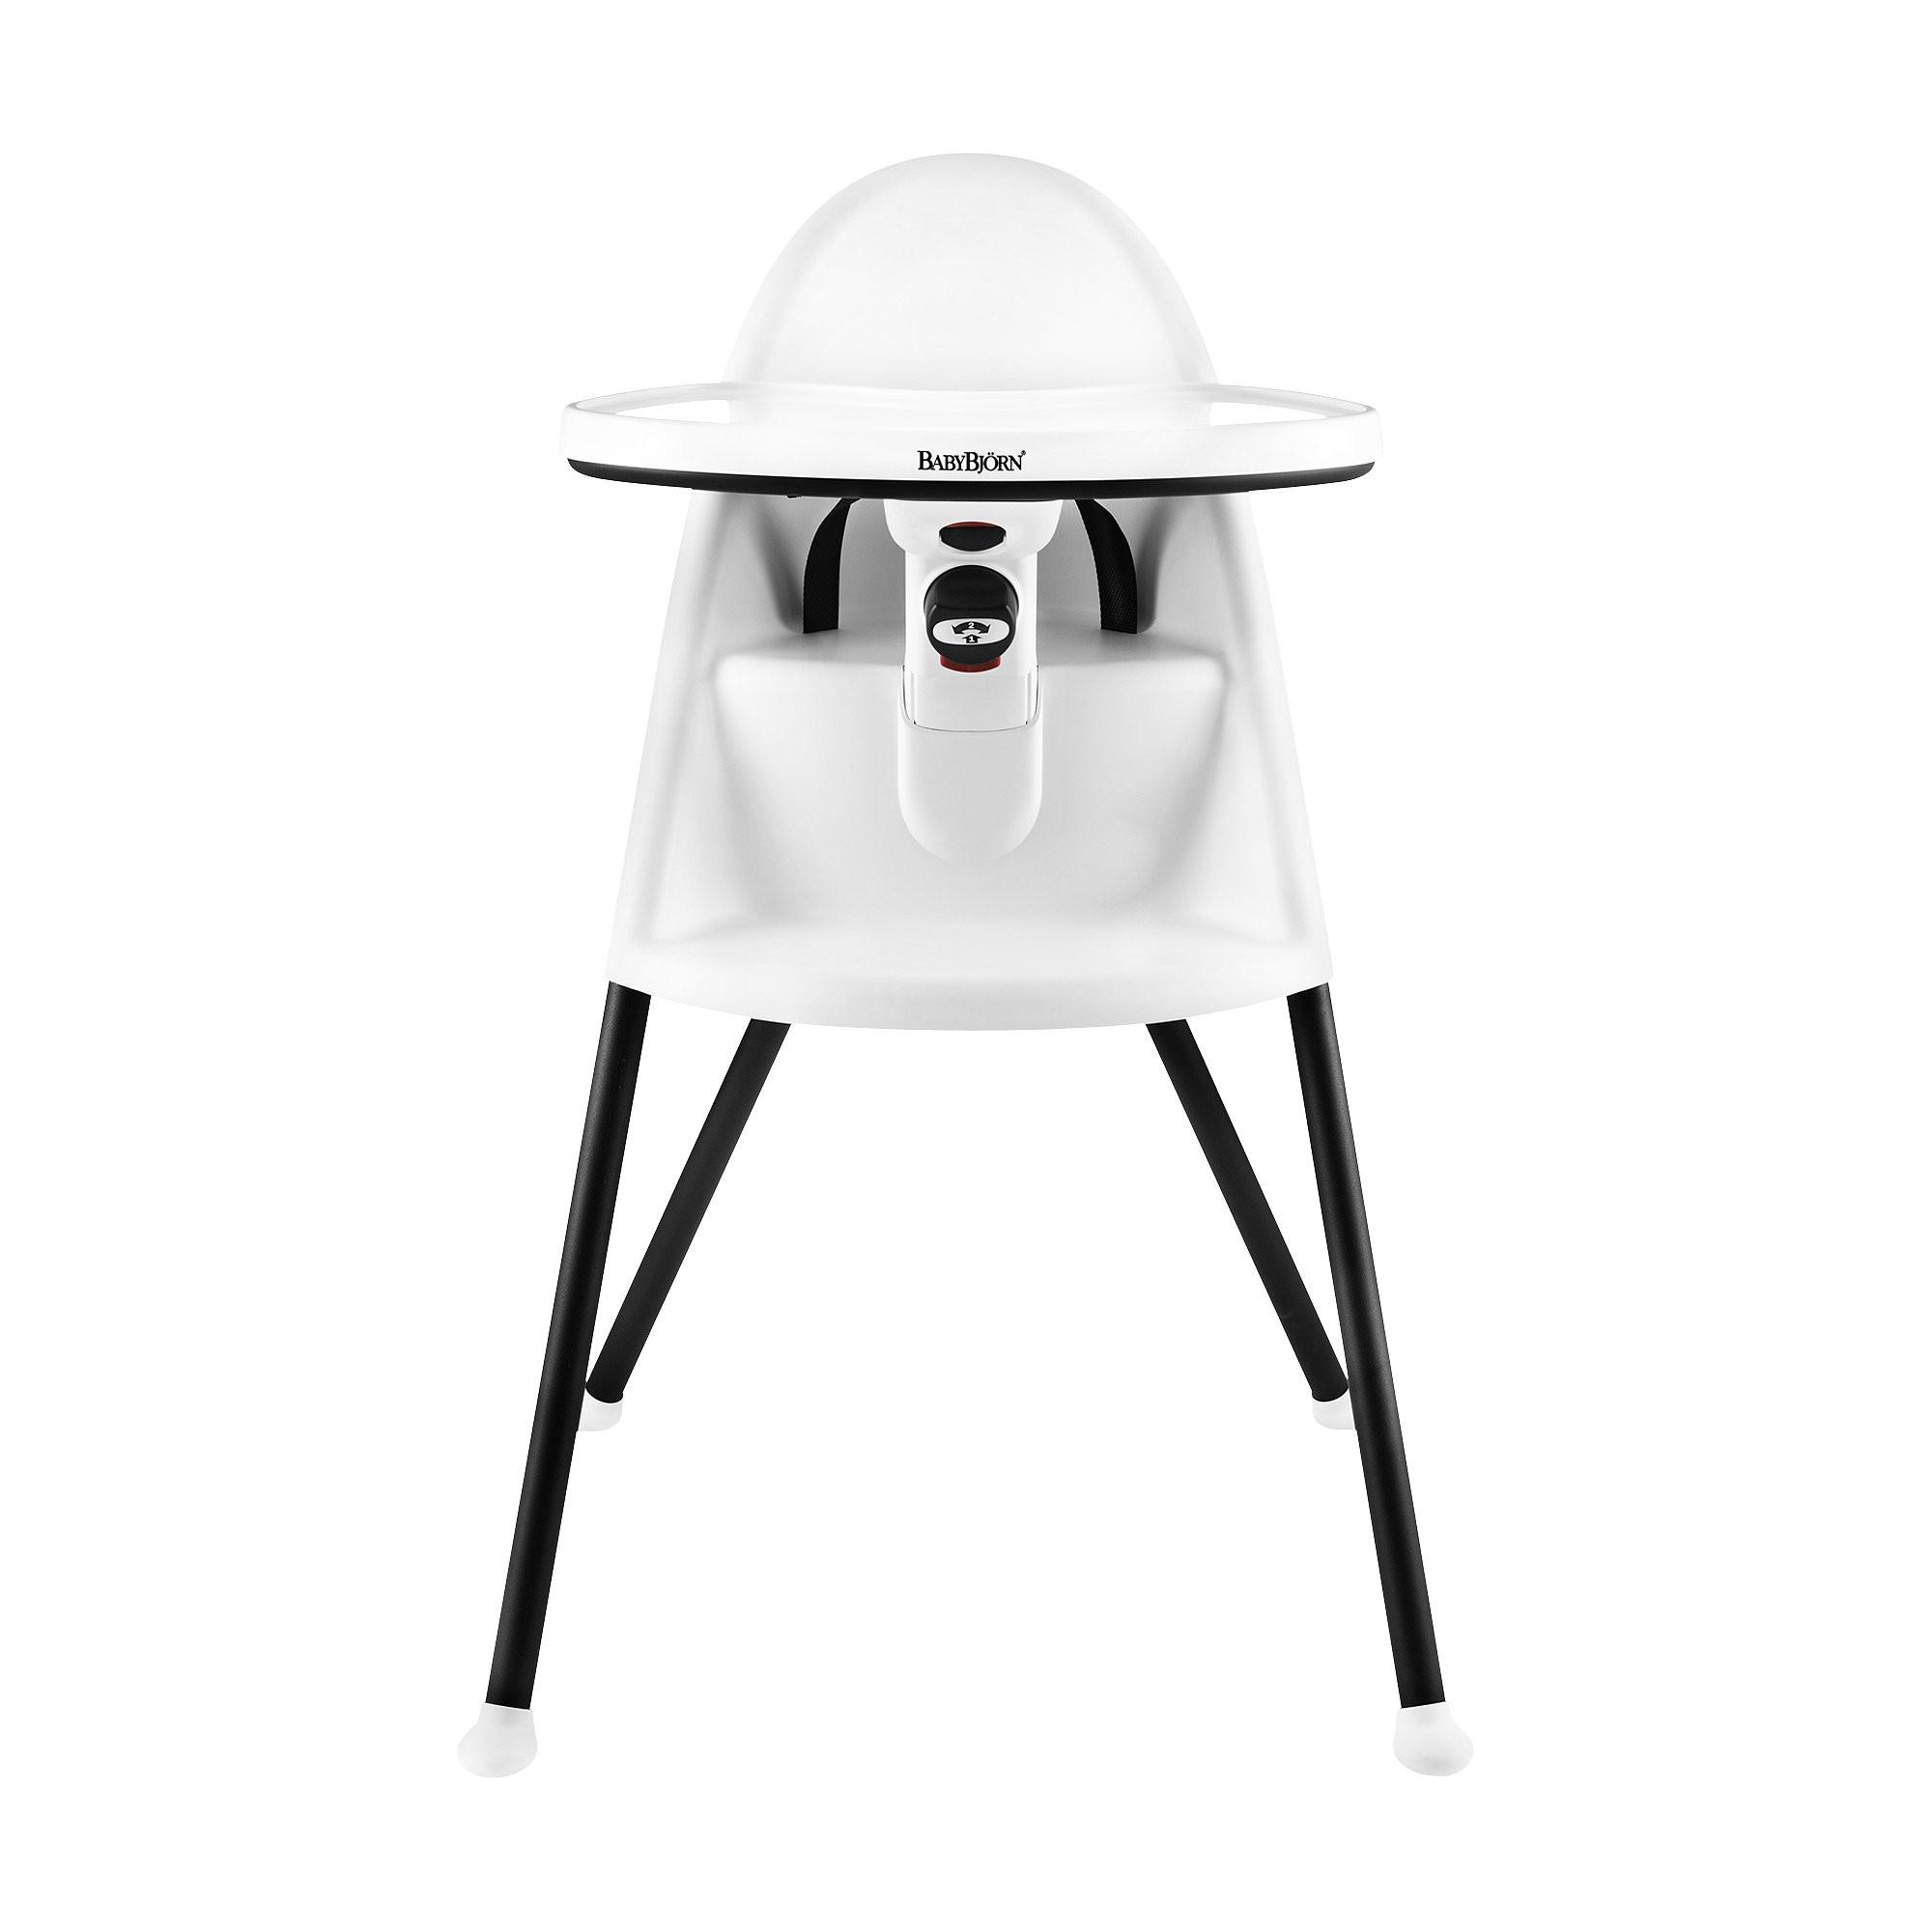 Babybjorn High Chair White High Chair Chair Baby Bjorn